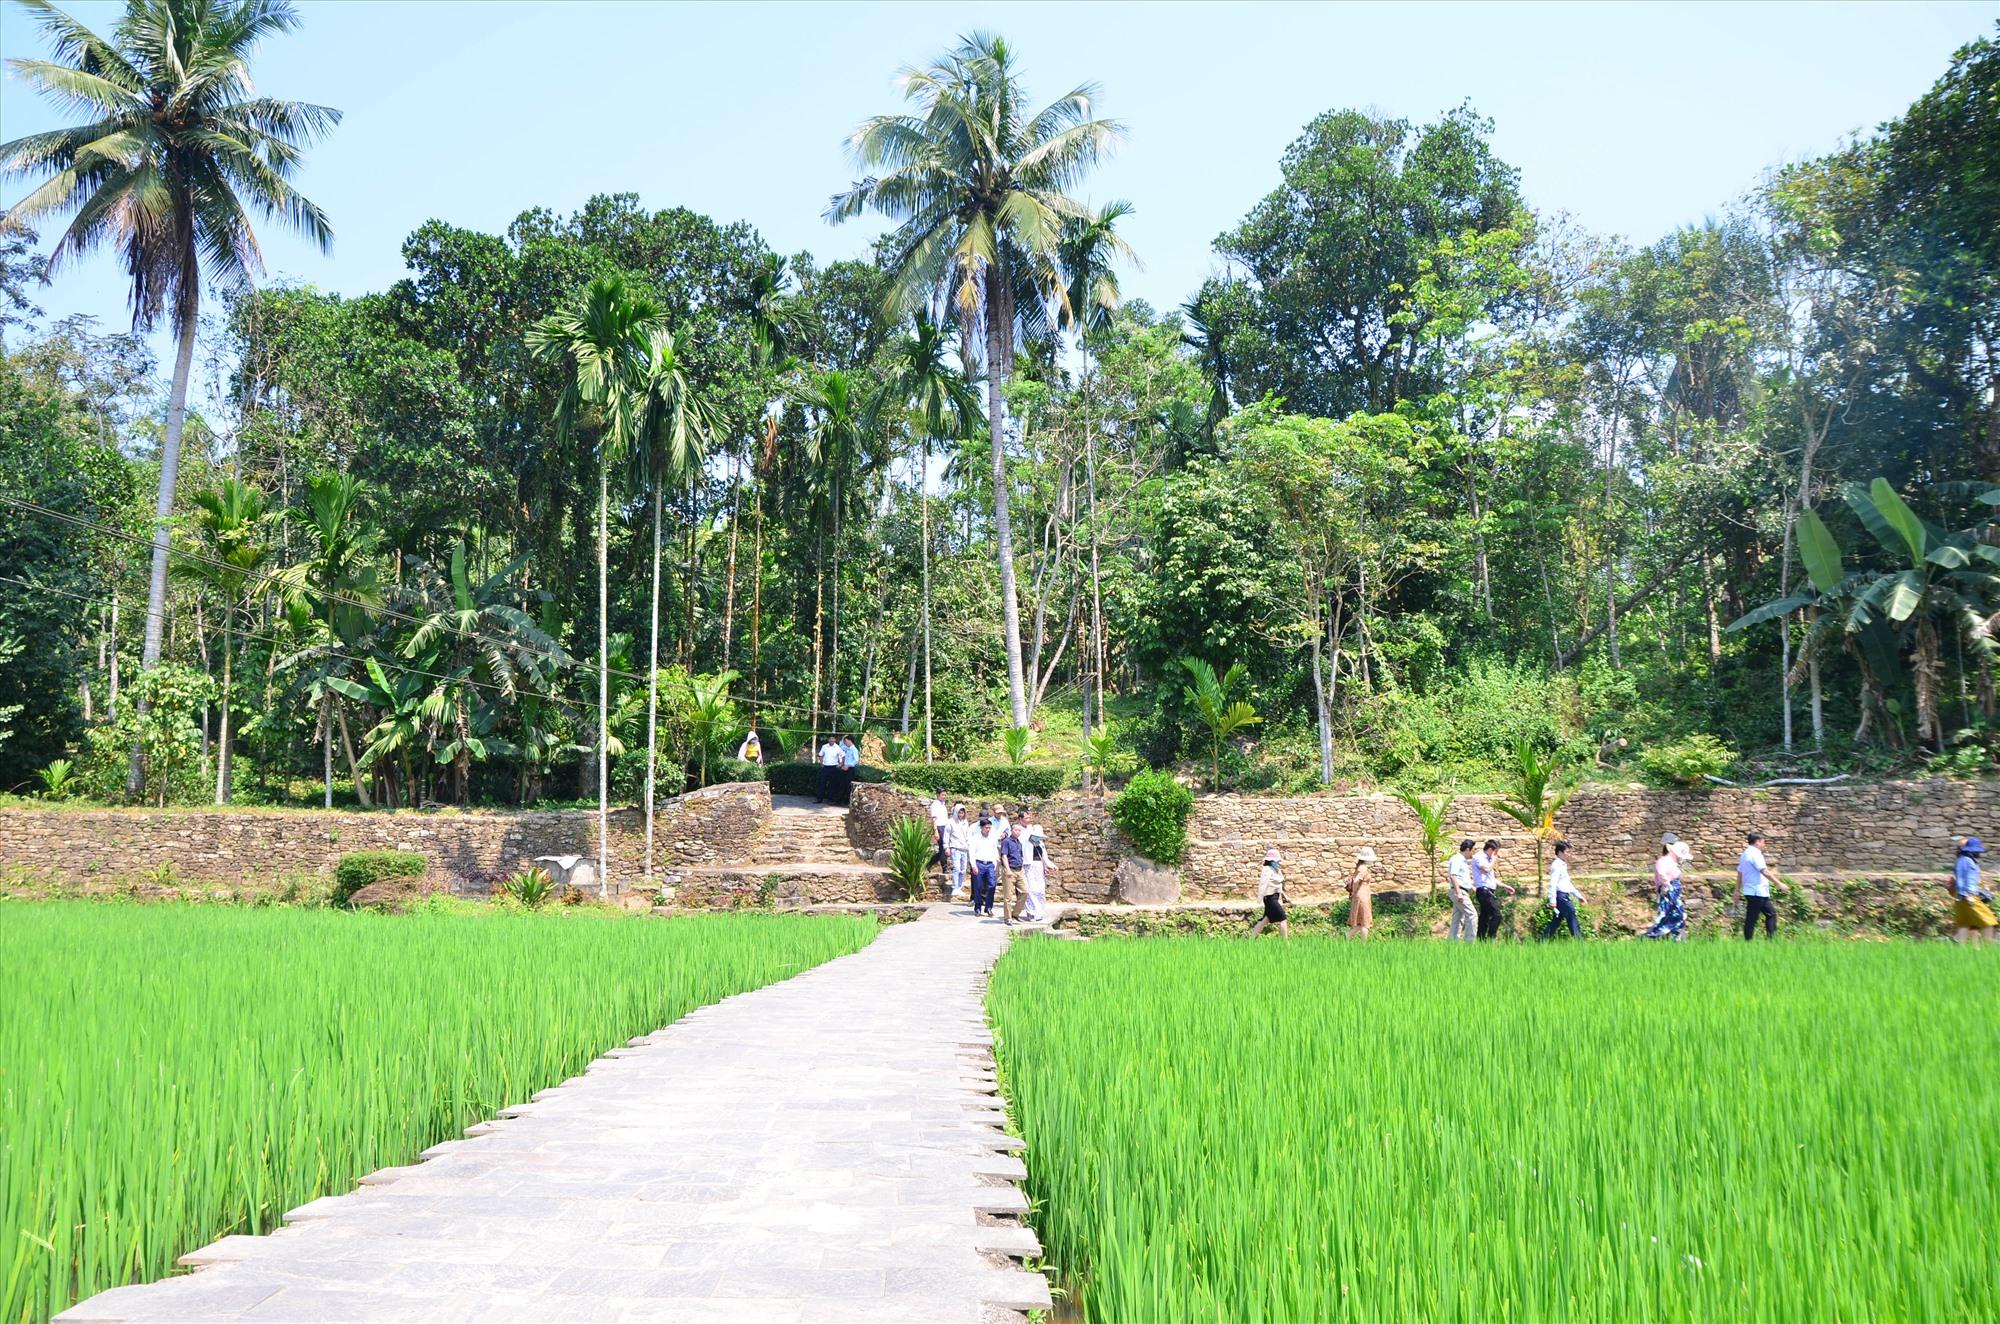 Một góc nông thôn Tiên Phước hôm nay. Ảnh: HOÀNG HƯNG